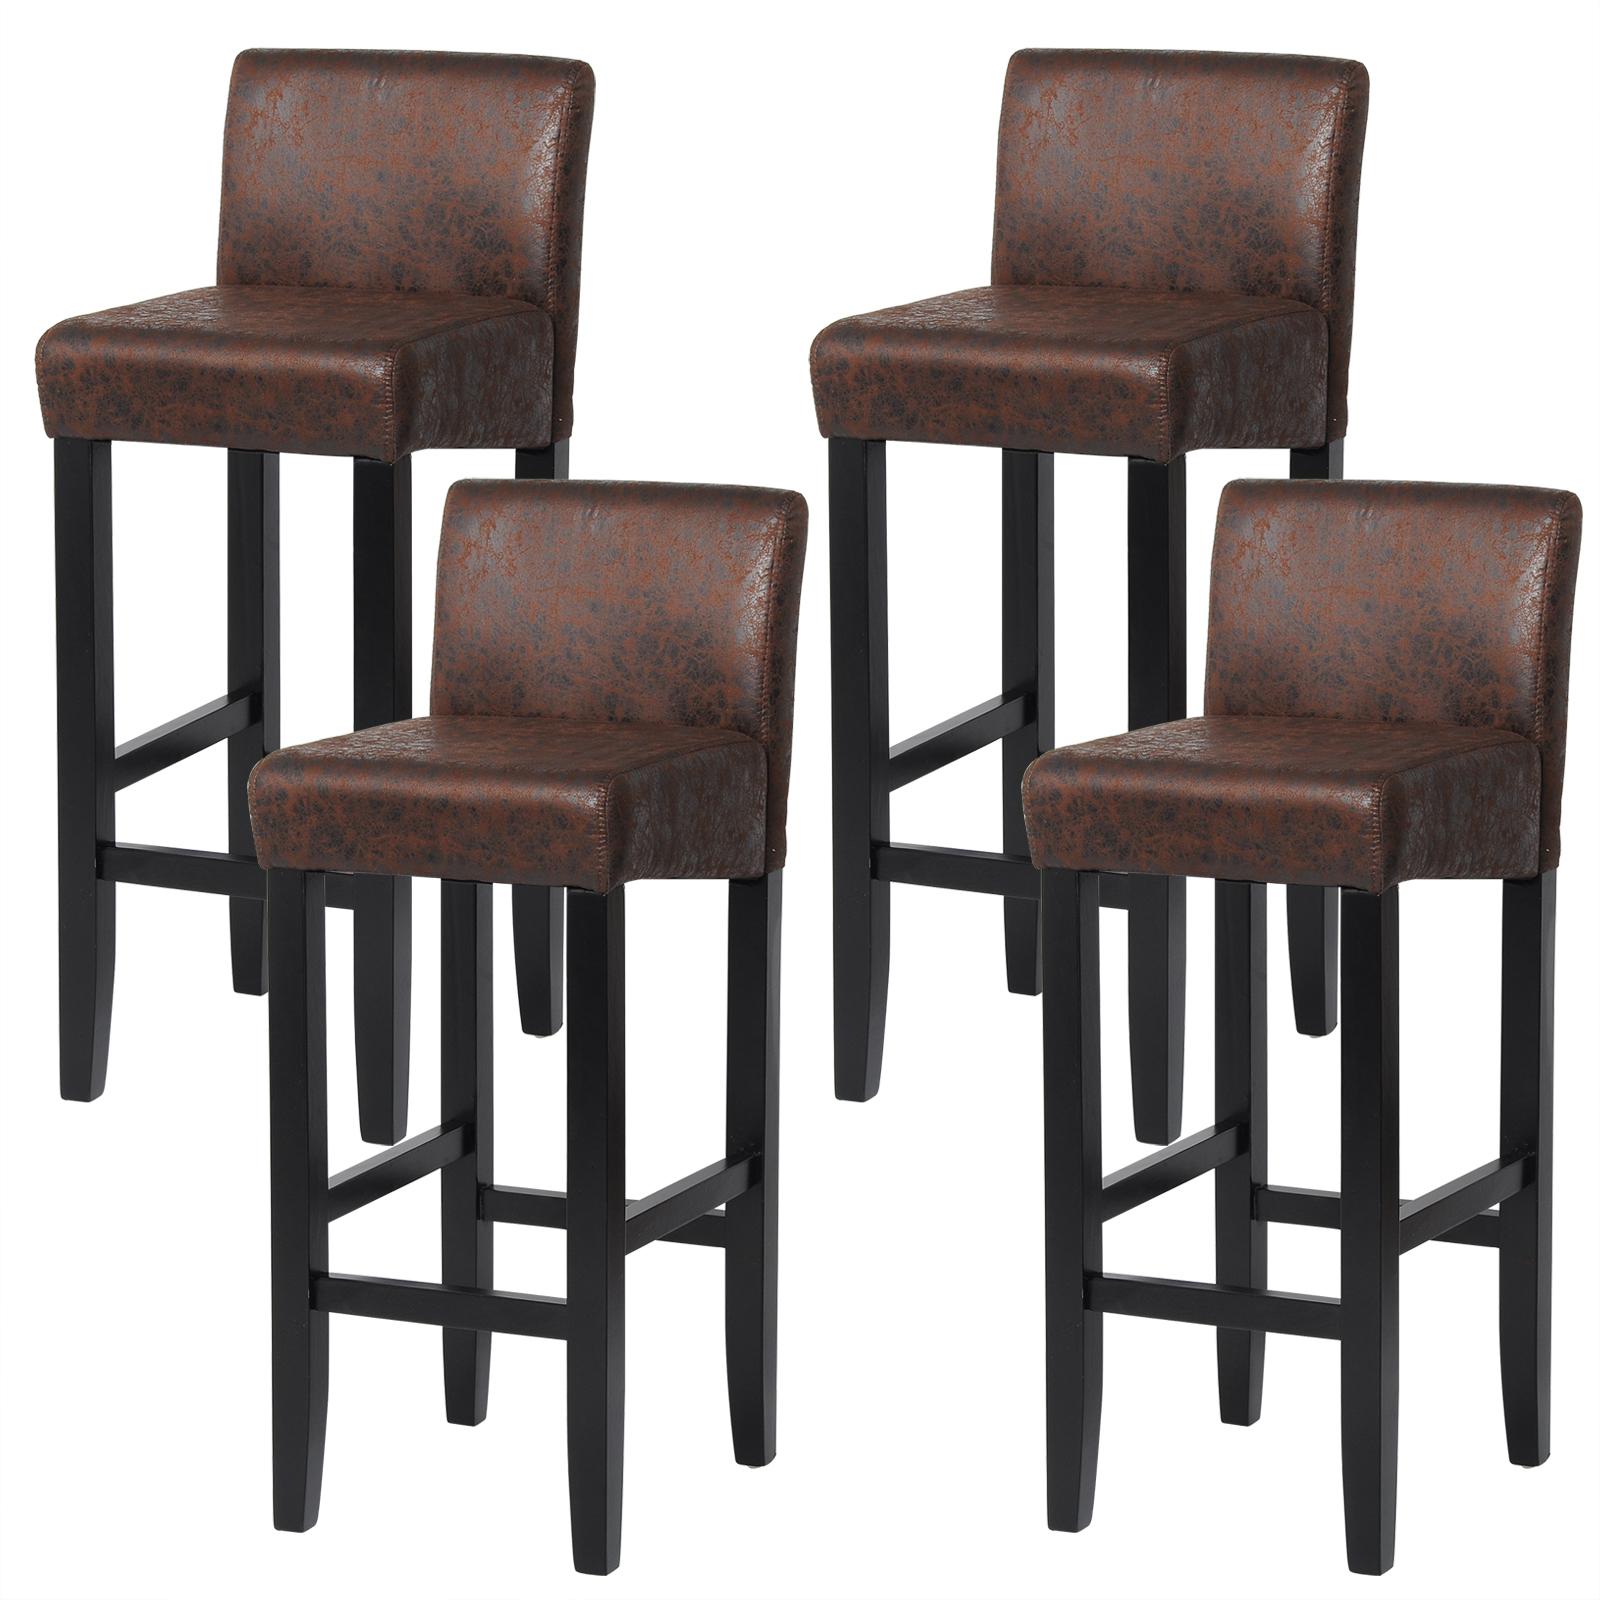 barhocker bistrohocker 4 x barst hle antiklederoptik holz. Black Bedroom Furniture Sets. Home Design Ideas